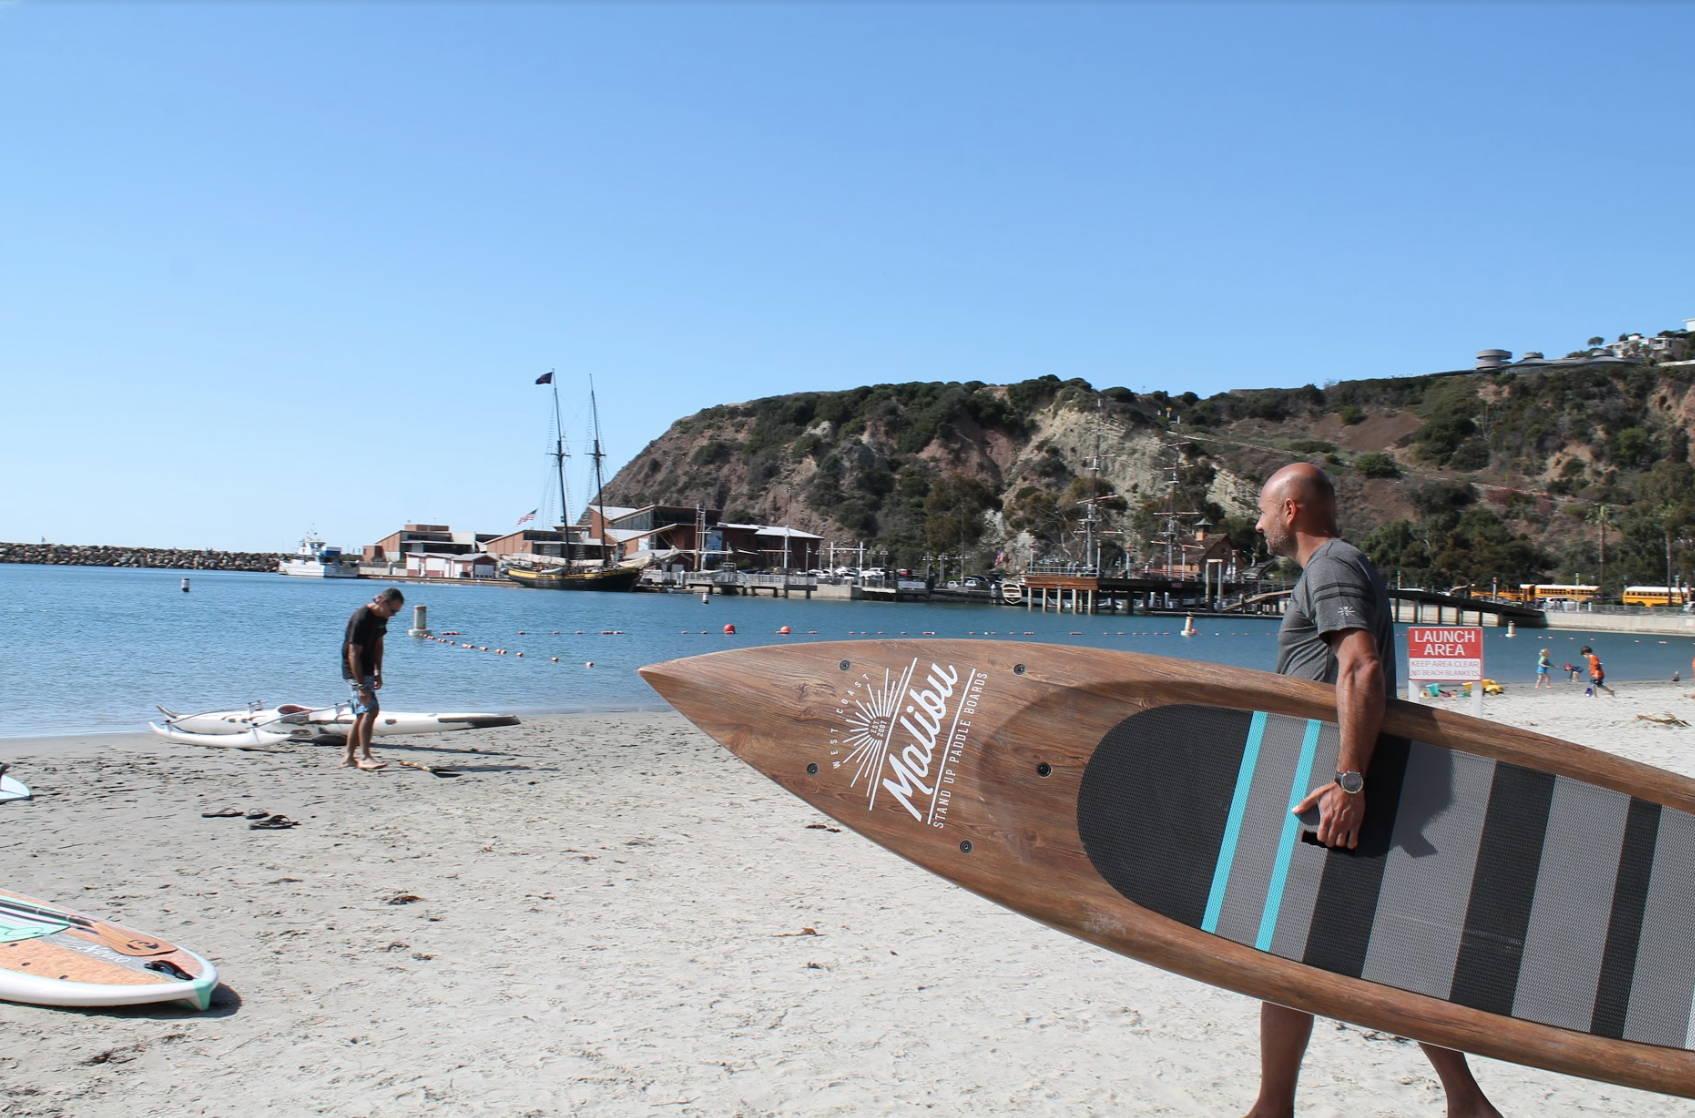 Malibu Board on the sand in Dana Point